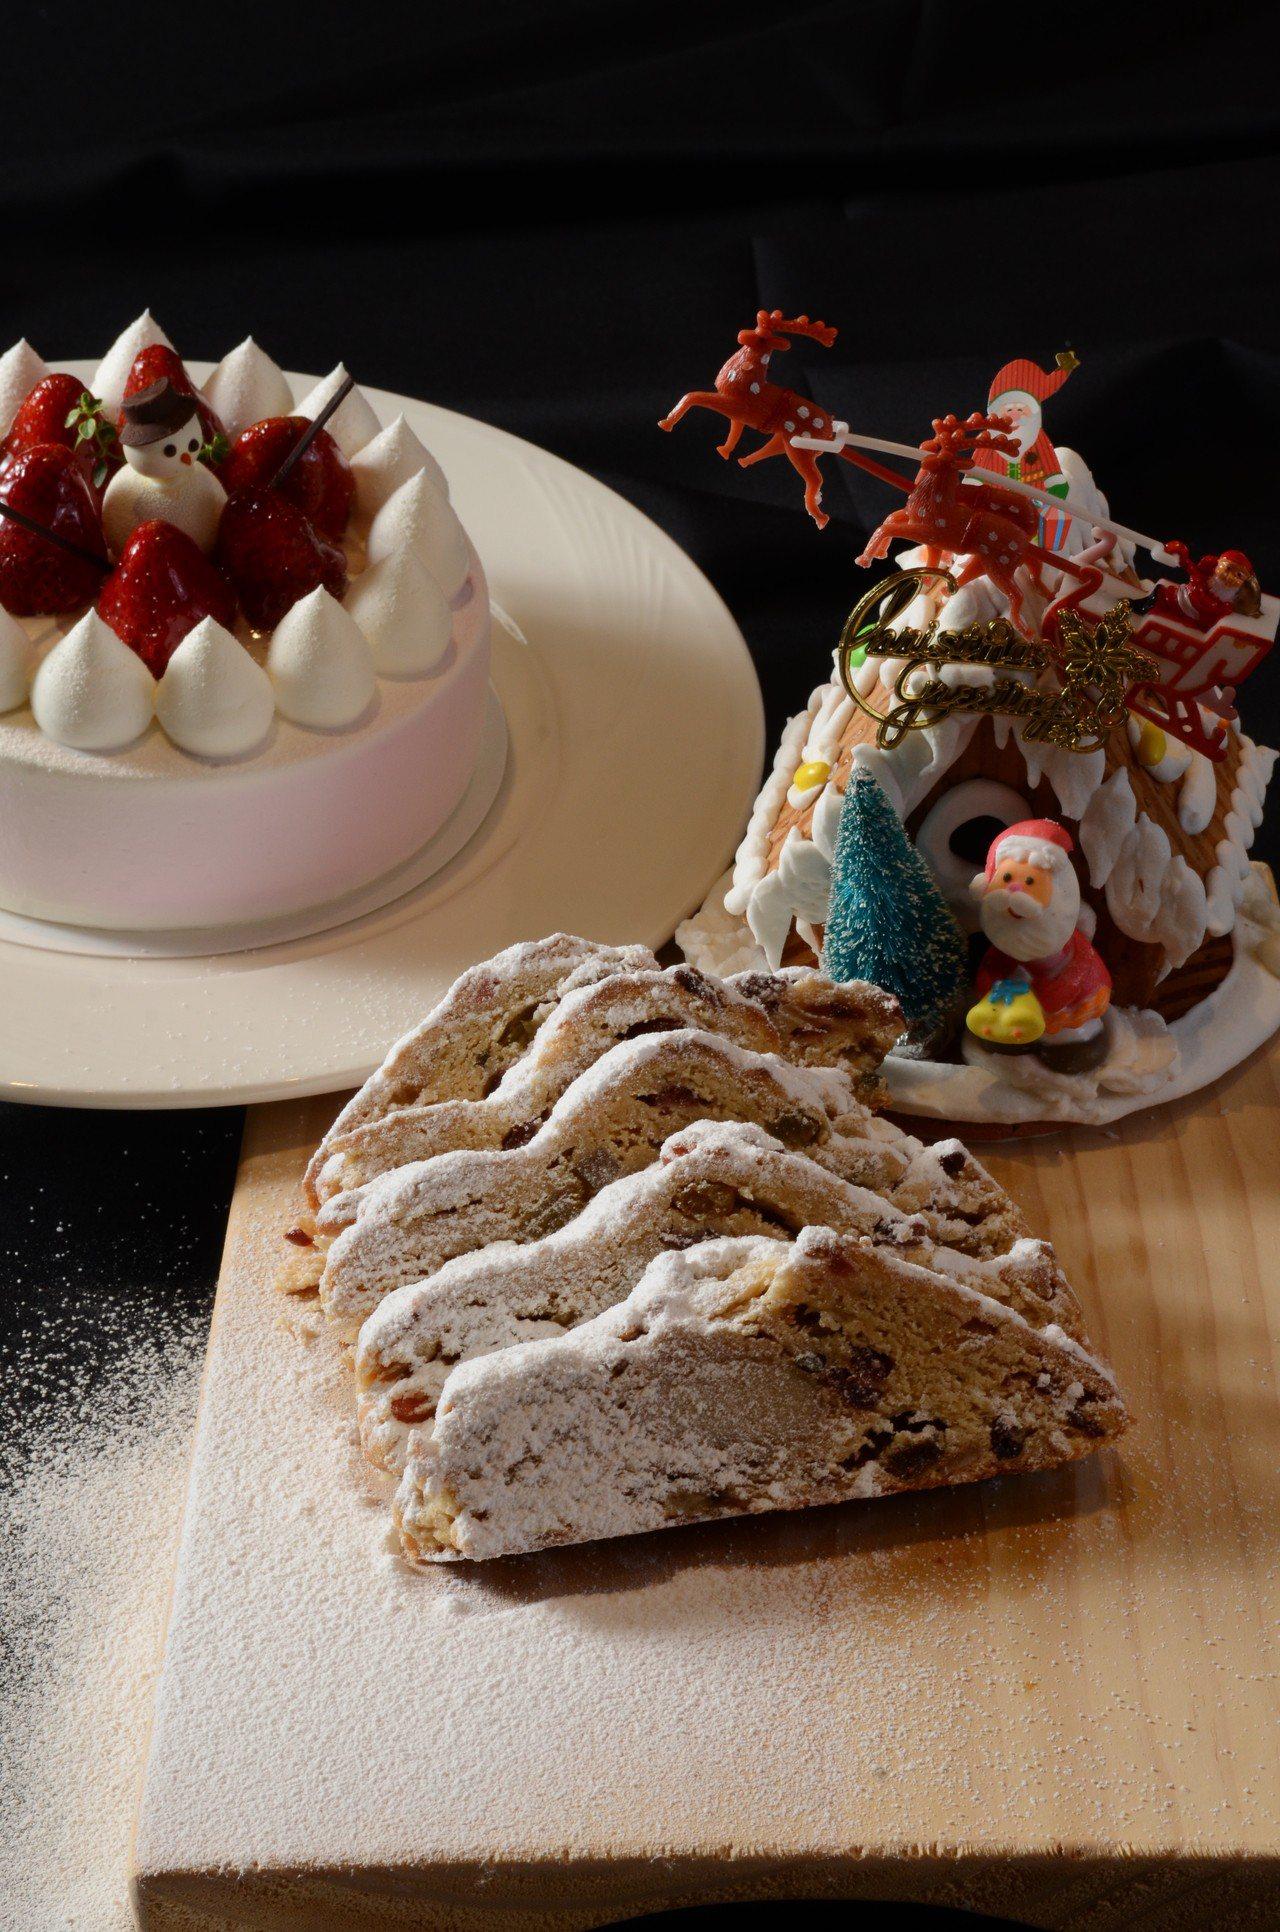 造型薑餅屋(右)、潘娜朵妮(前)、草莓8吋蛋糕(後)。圖/圓山大飯店提供